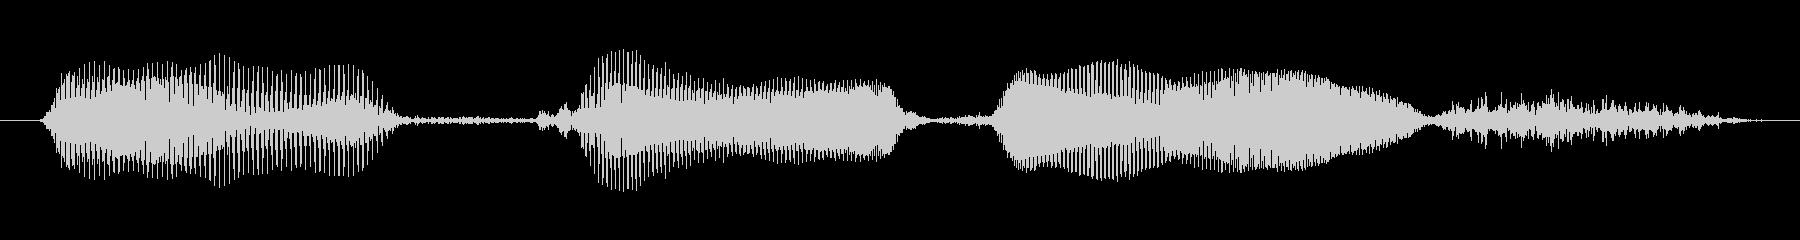 了解ですの未再生の波形